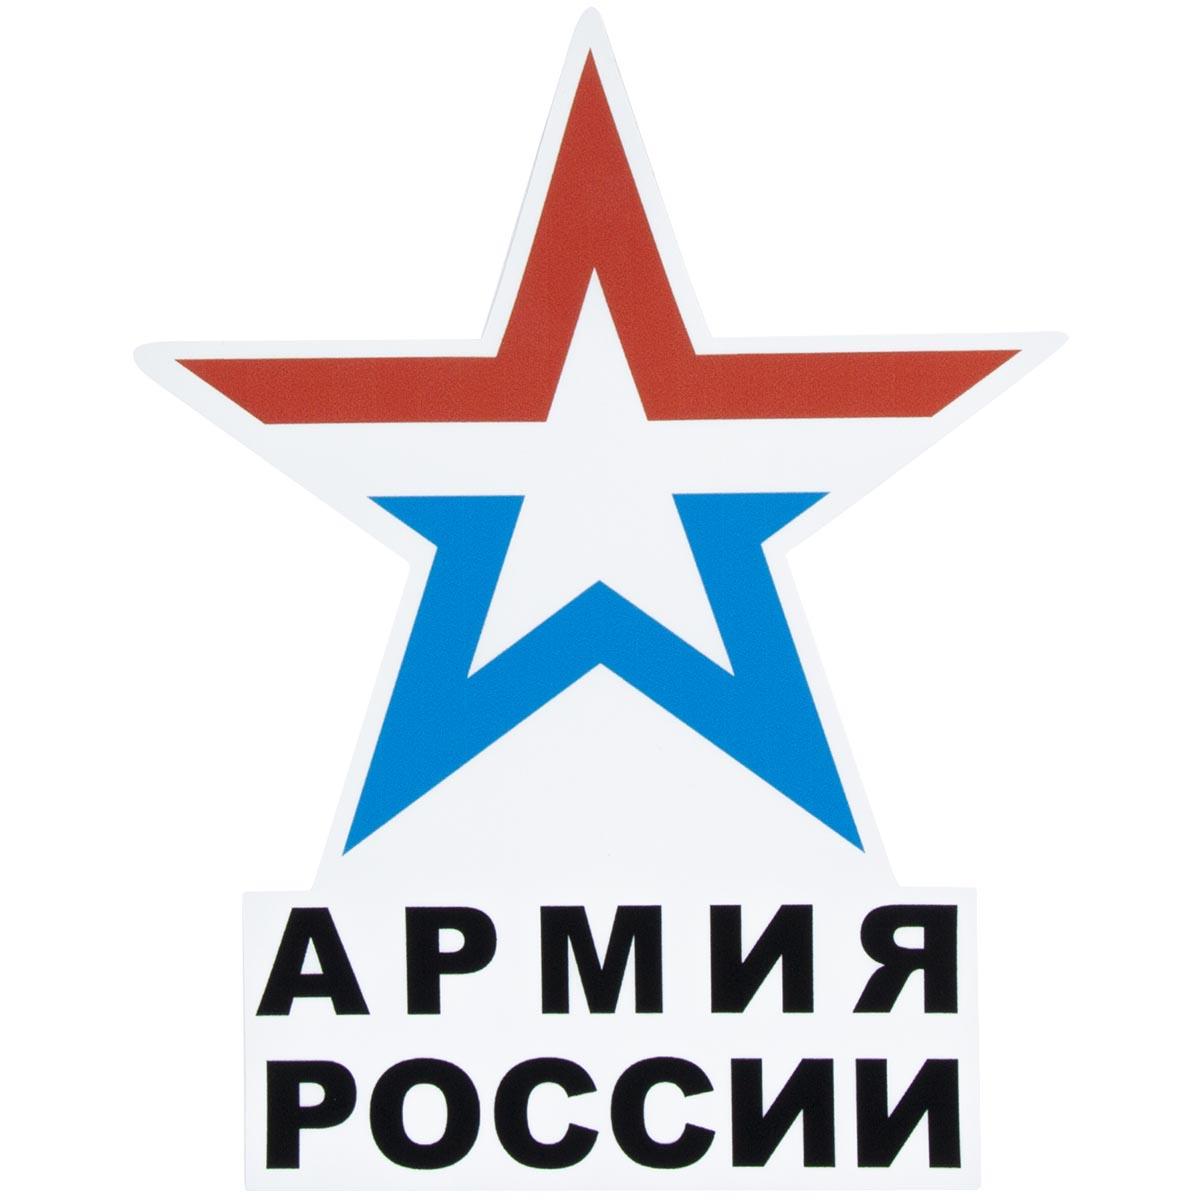 Наклейка на автомобиль Армия России звезда виниловая 10х17 для автомобиля или на автомобиль